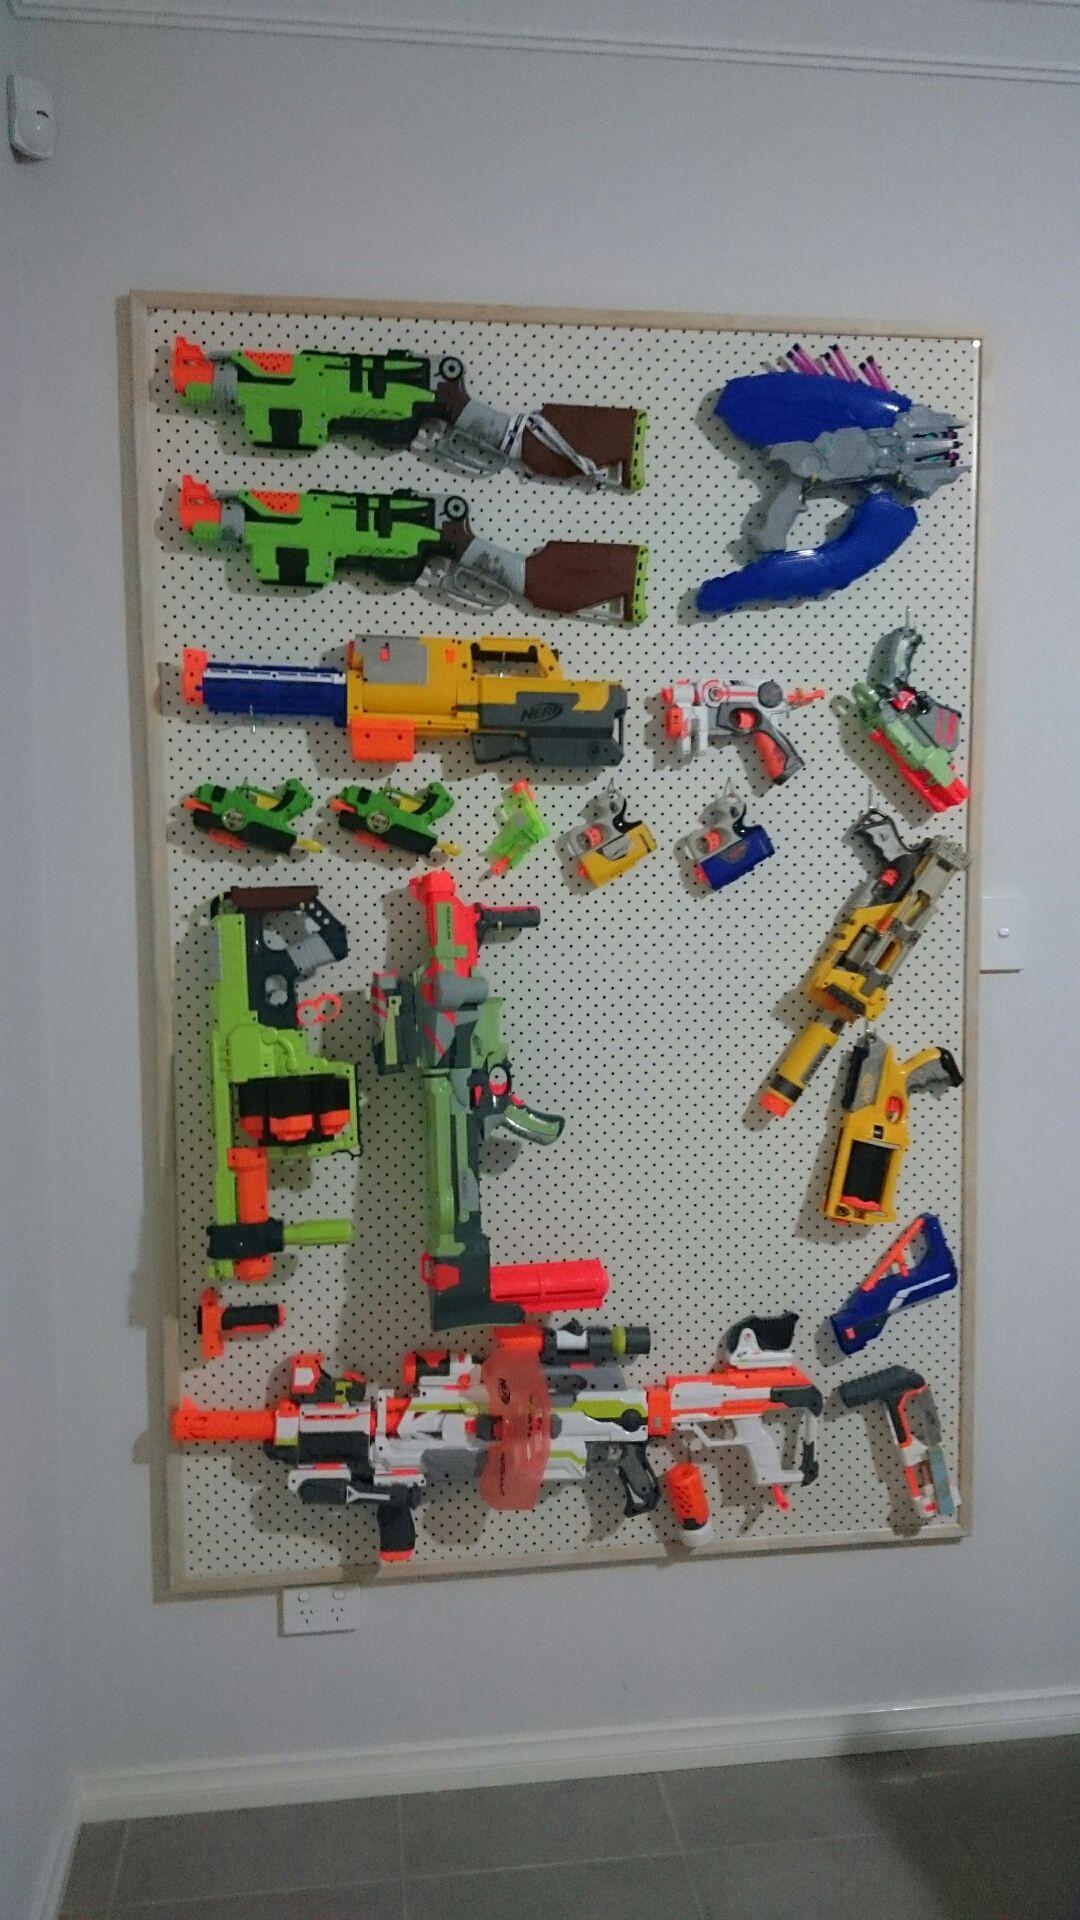 Nerf wall · 95d73322edbd112c6f02ec7ffacb8942